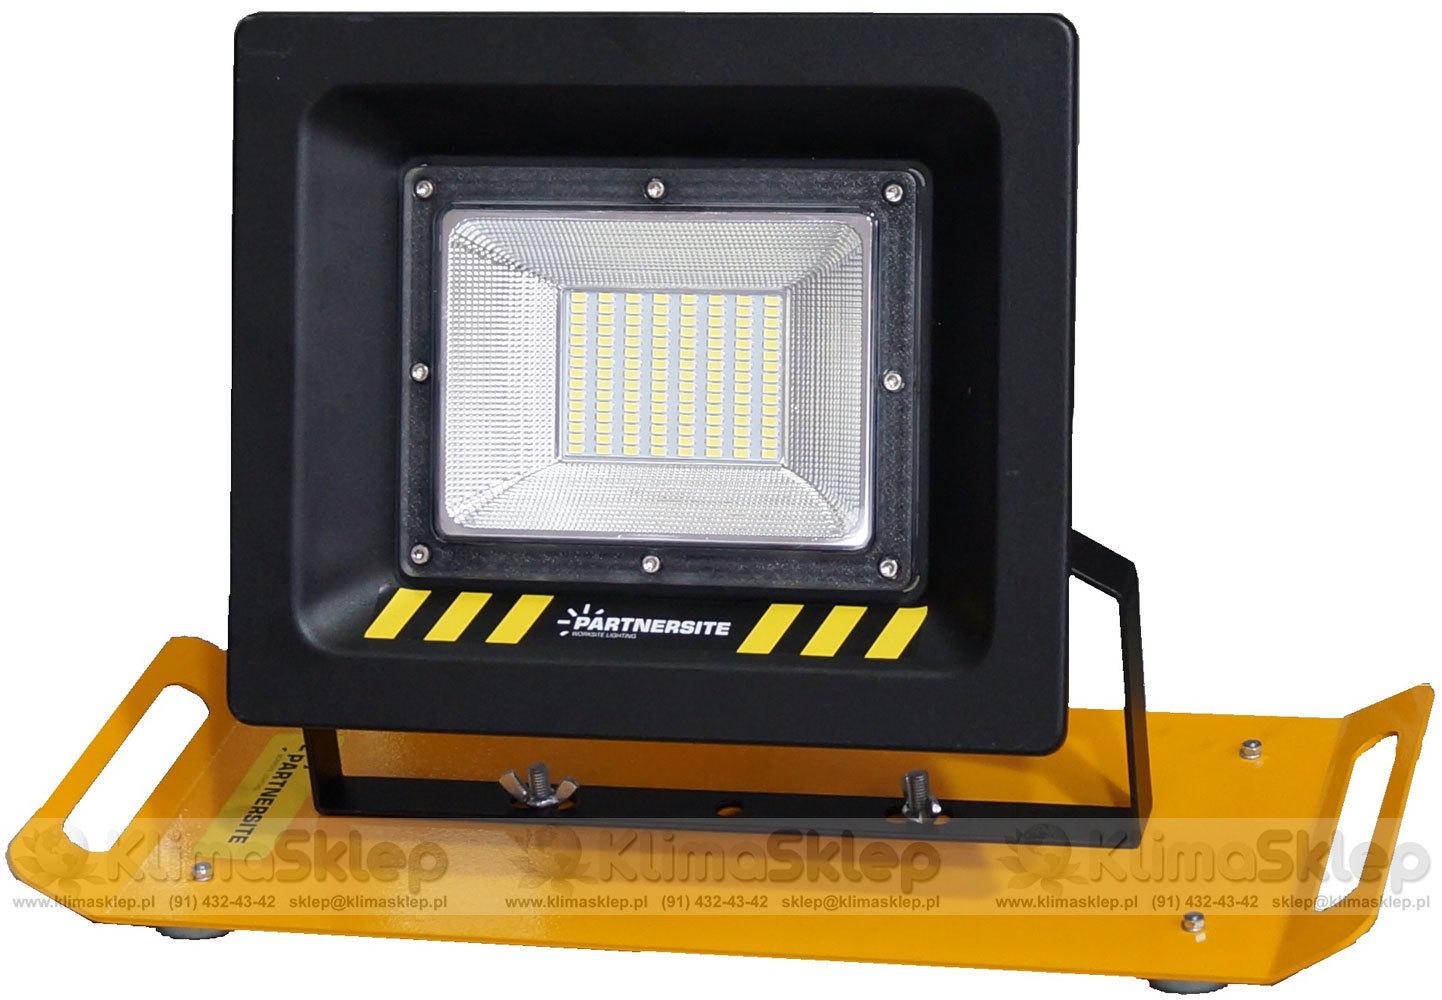 Naświetlacz LED SMD Partnersite LS20A z magnesem - oświetlenie warsztatowe